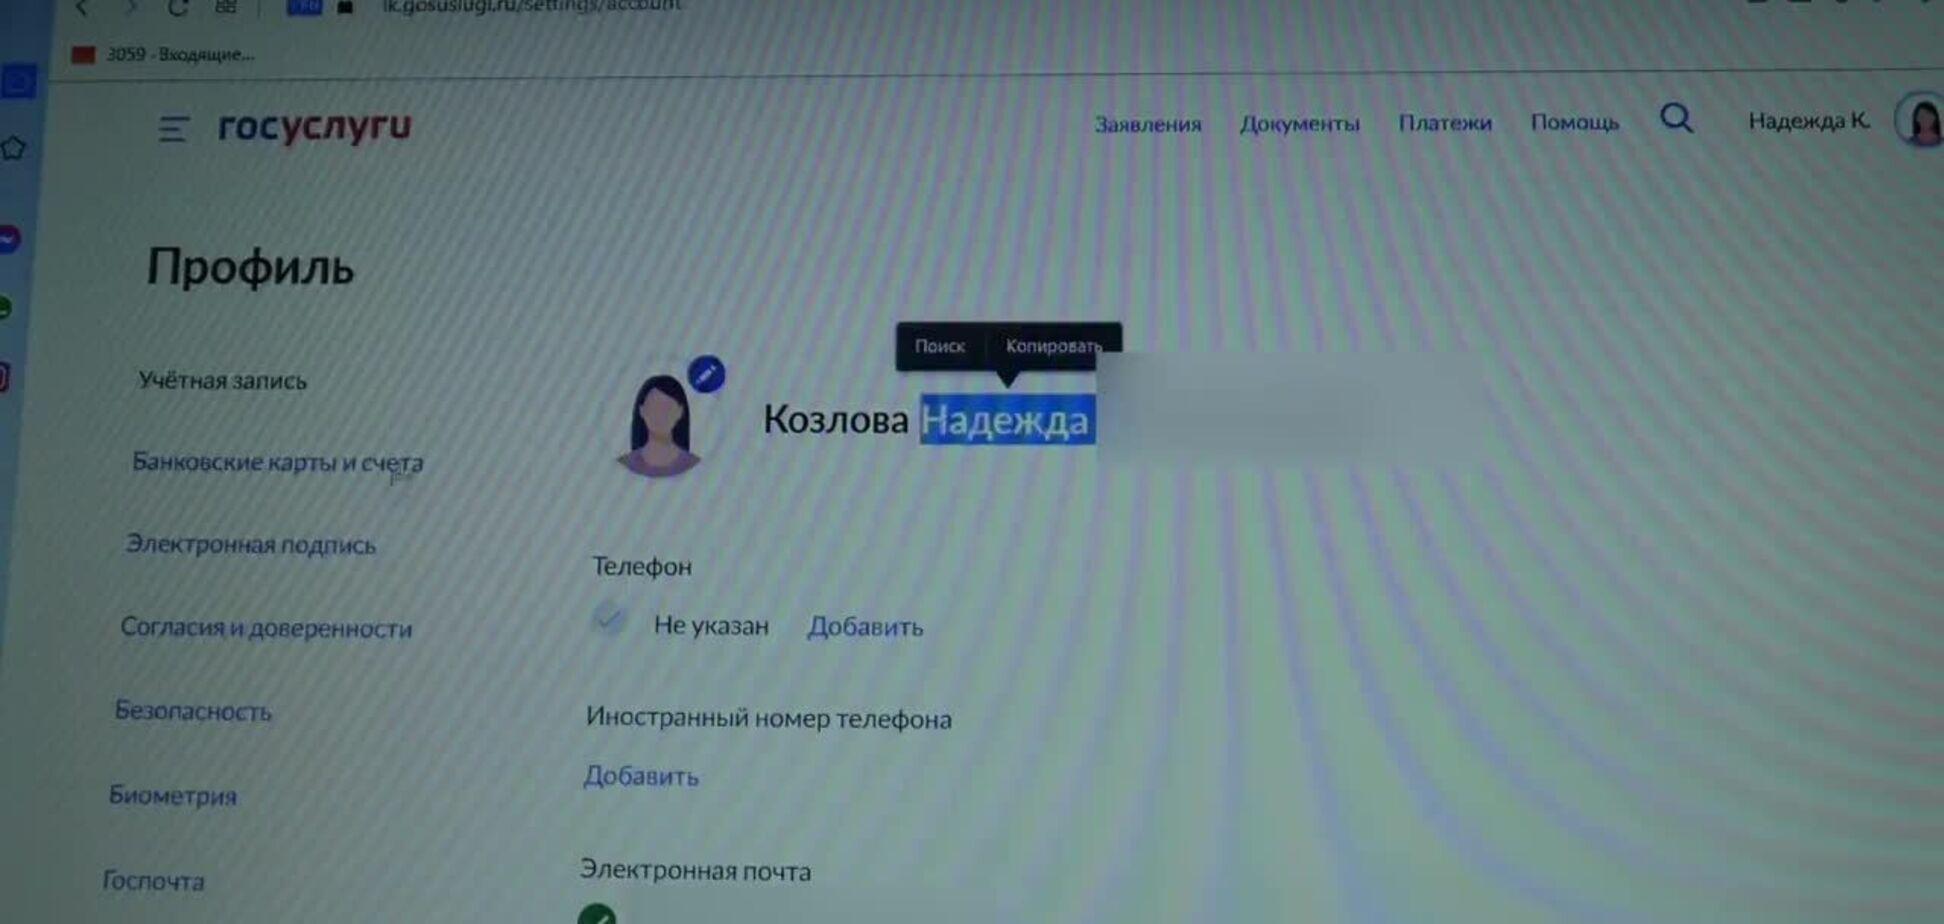 У мережі спливло відео фальсифікації 'голосування' в Держдуму РФ